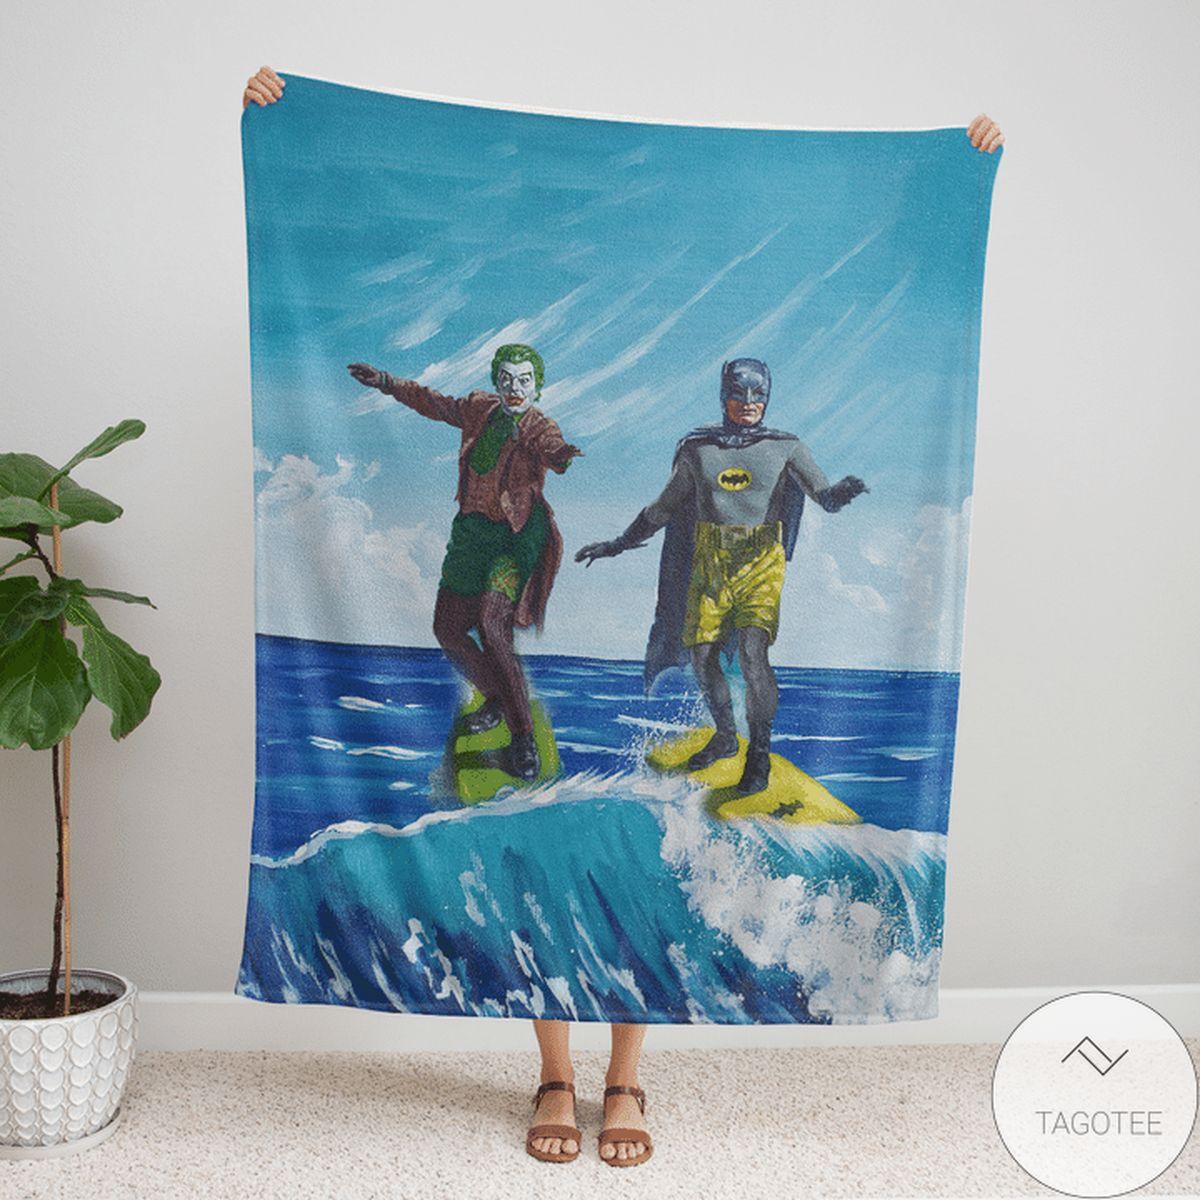 Batman And Joker Surfing Duel Fleece Blanket